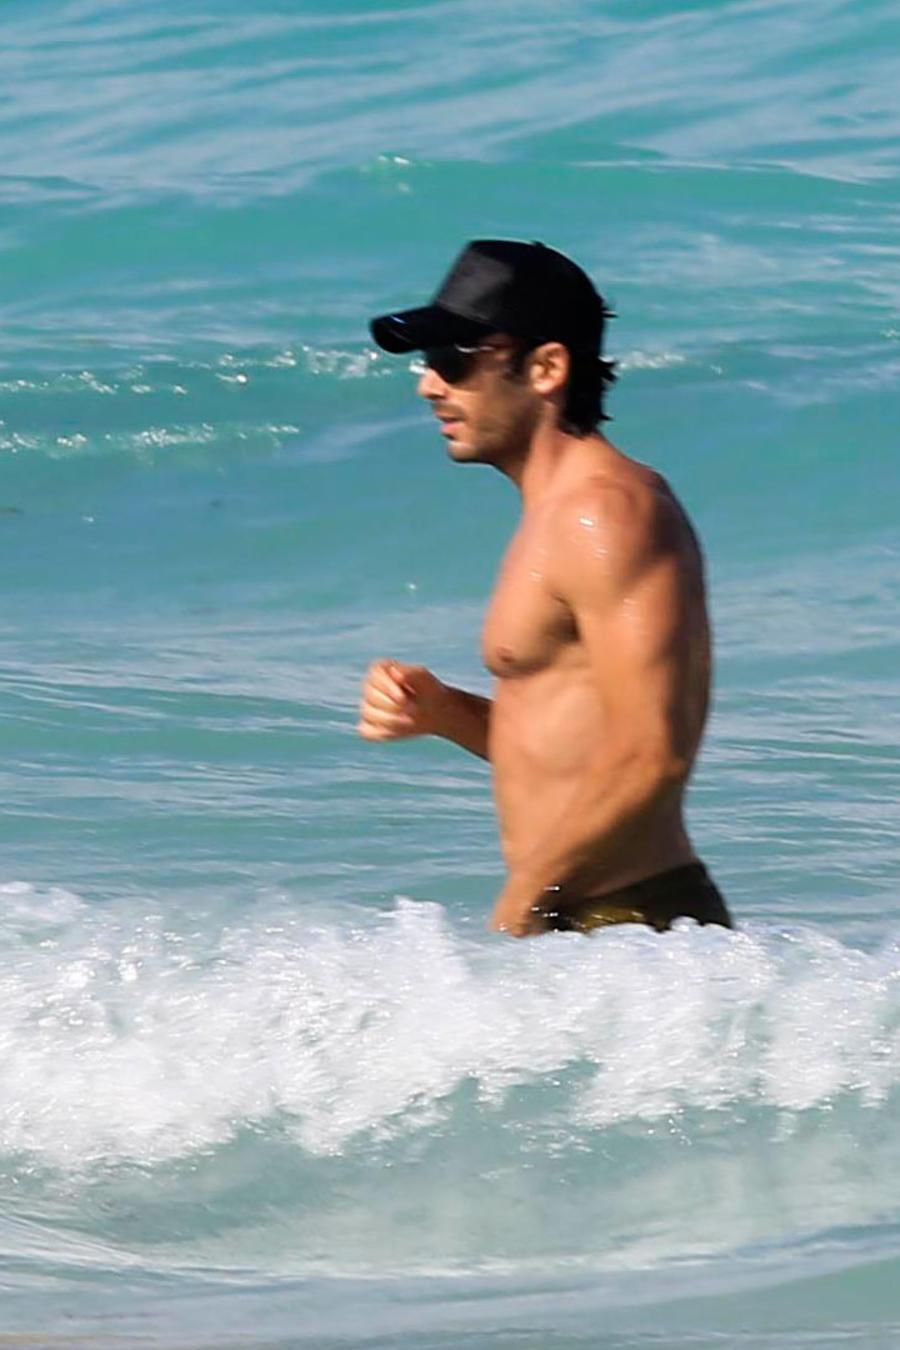 Aarón Díaz y su esposa Lola Ponce disfrutaron de un día de playa en Miami, los dos lucieron sus bien trabajados cuerpos.